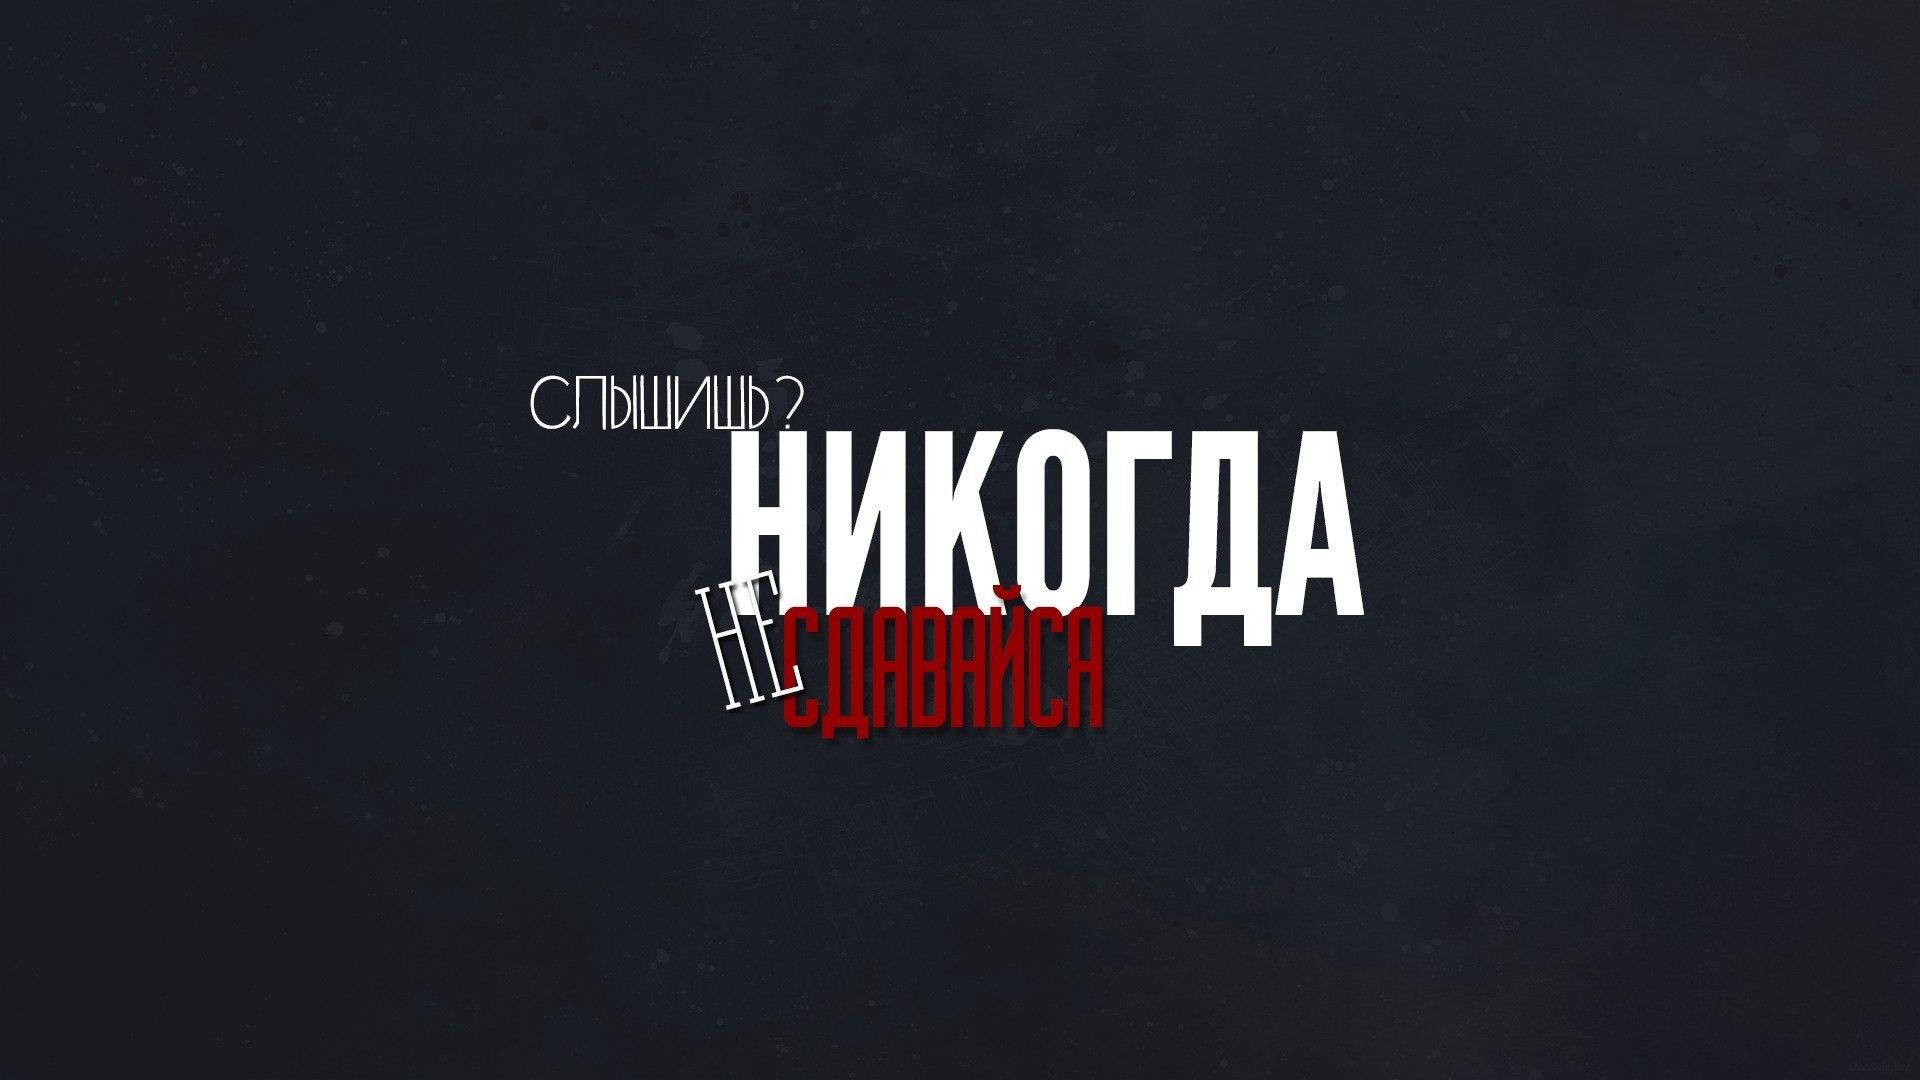 Обои на айфон с надписями на русском